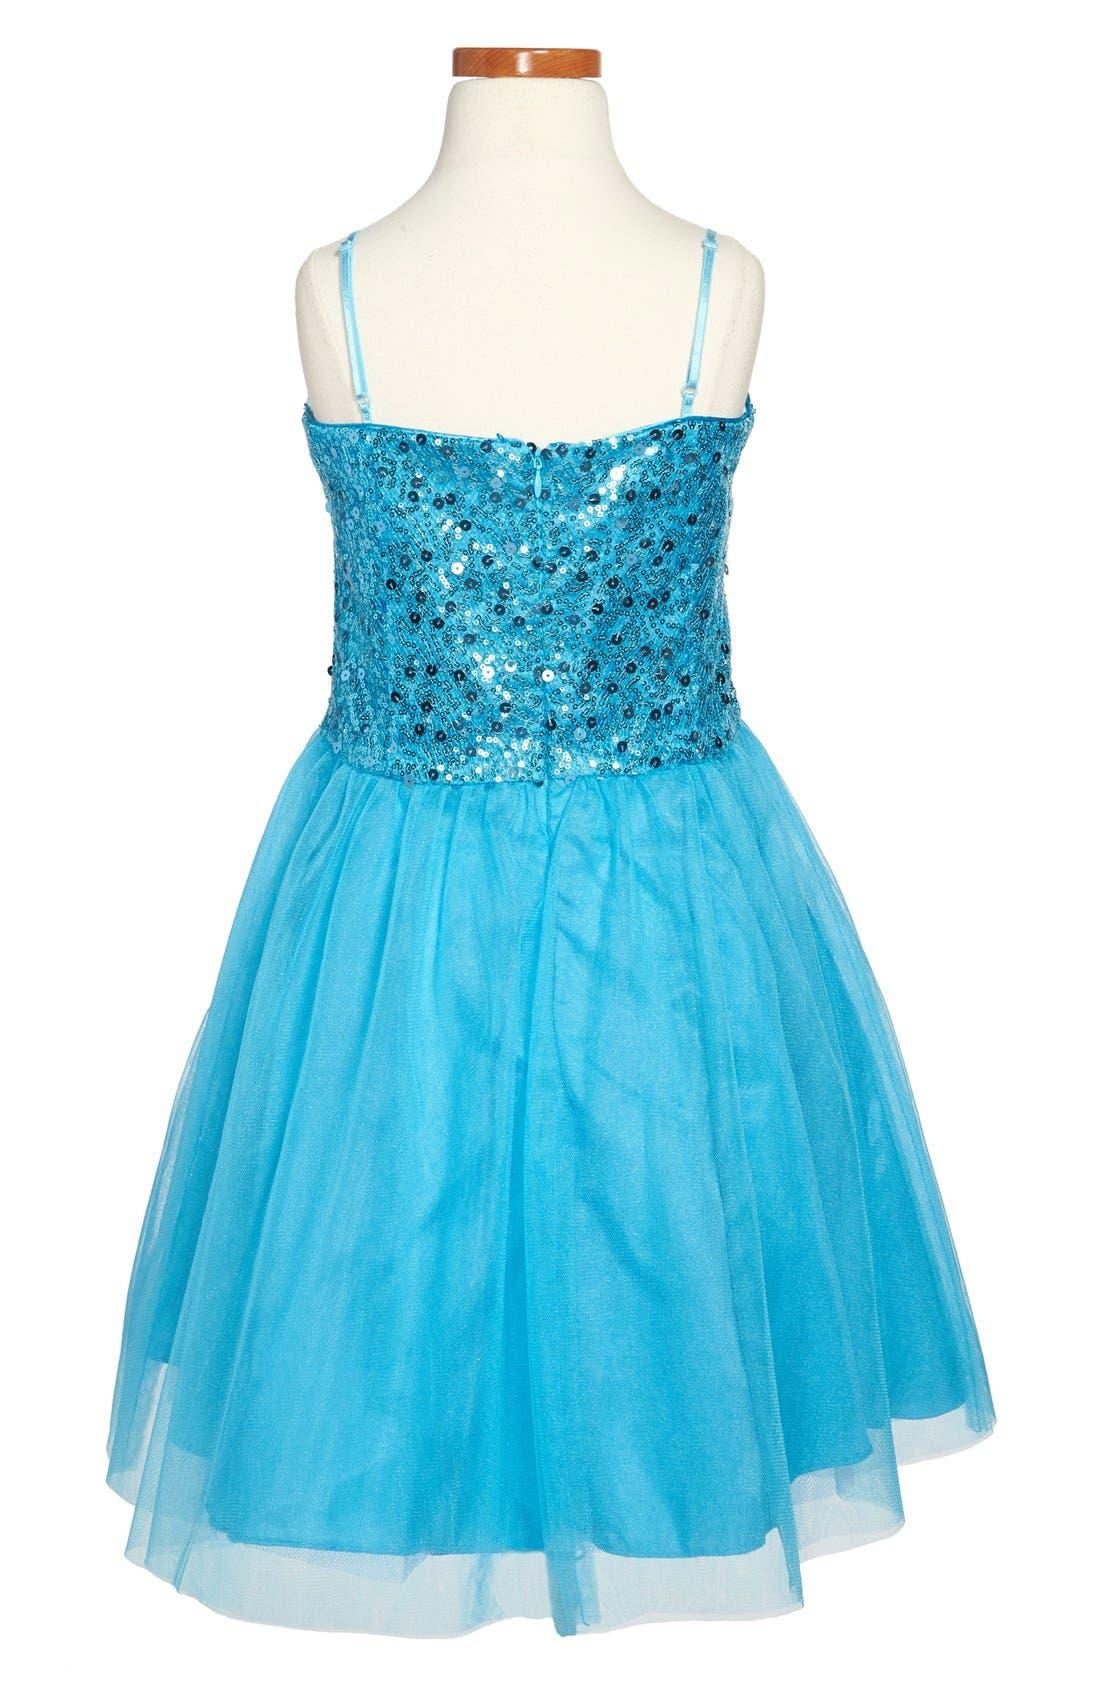 Sequin Party Dress,                             Alternate thumbnail 5, color,